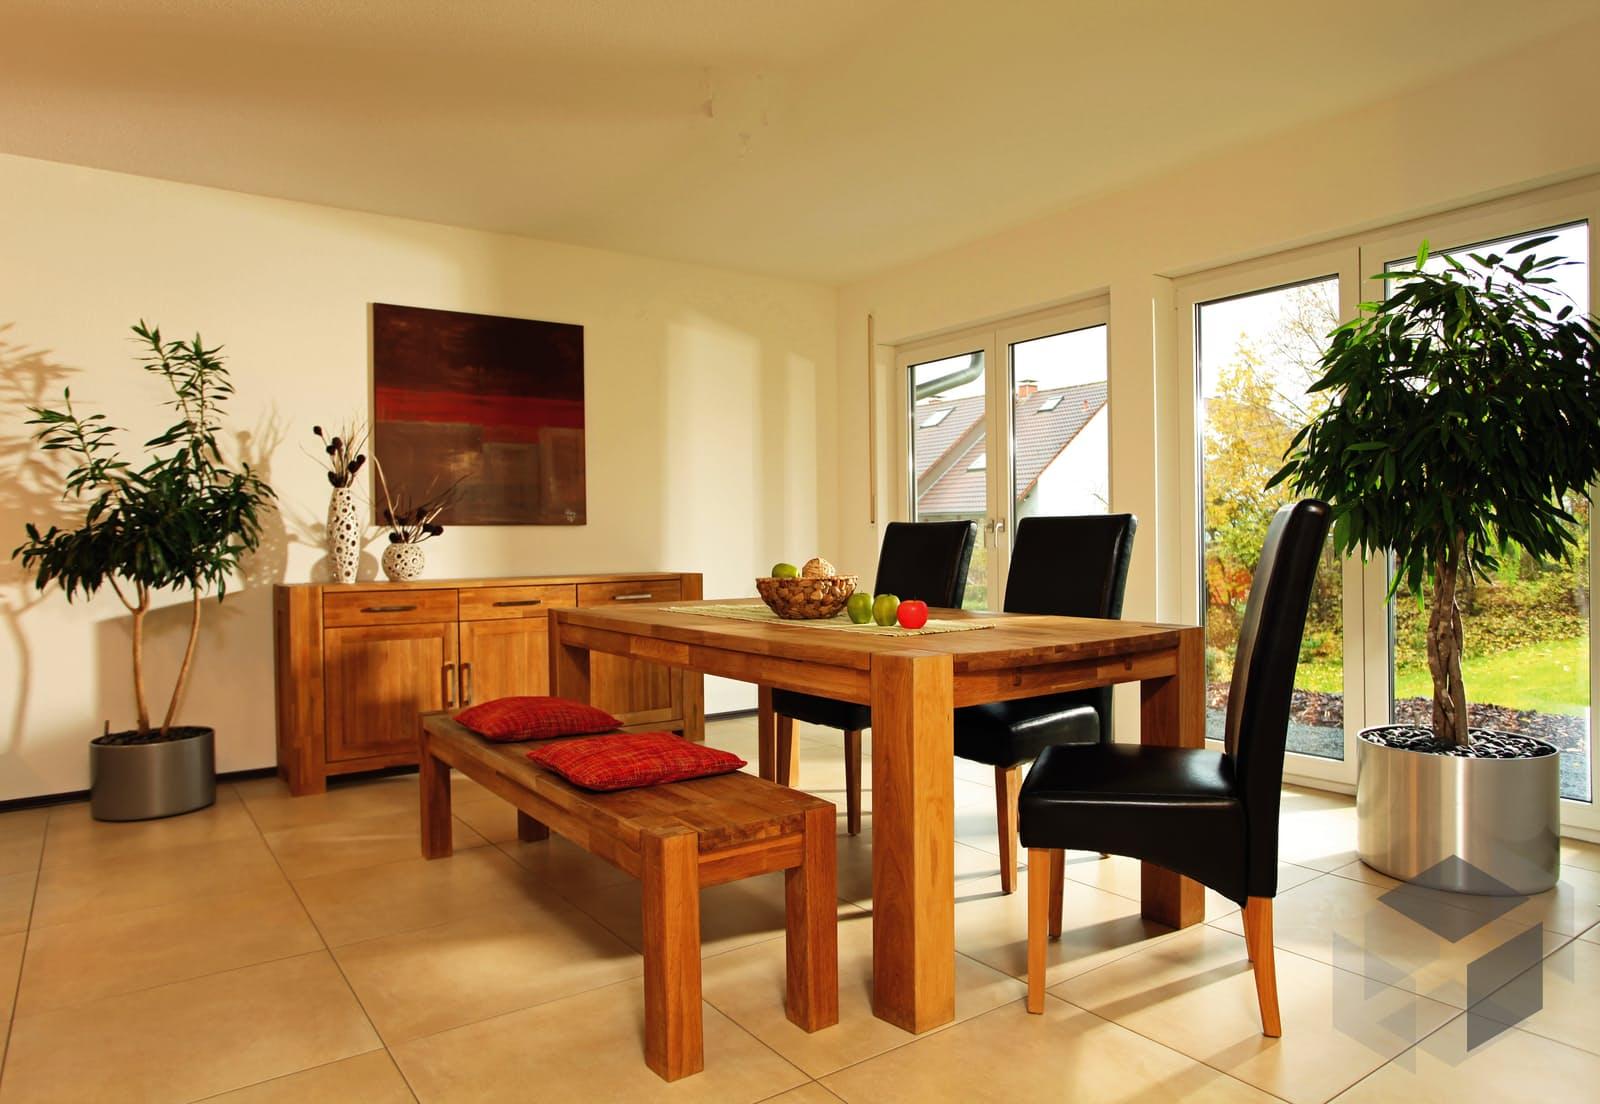 vio 200 von fingerhaus komplette daten bersicht. Black Bedroom Furniture Sets. Home Design Ideas